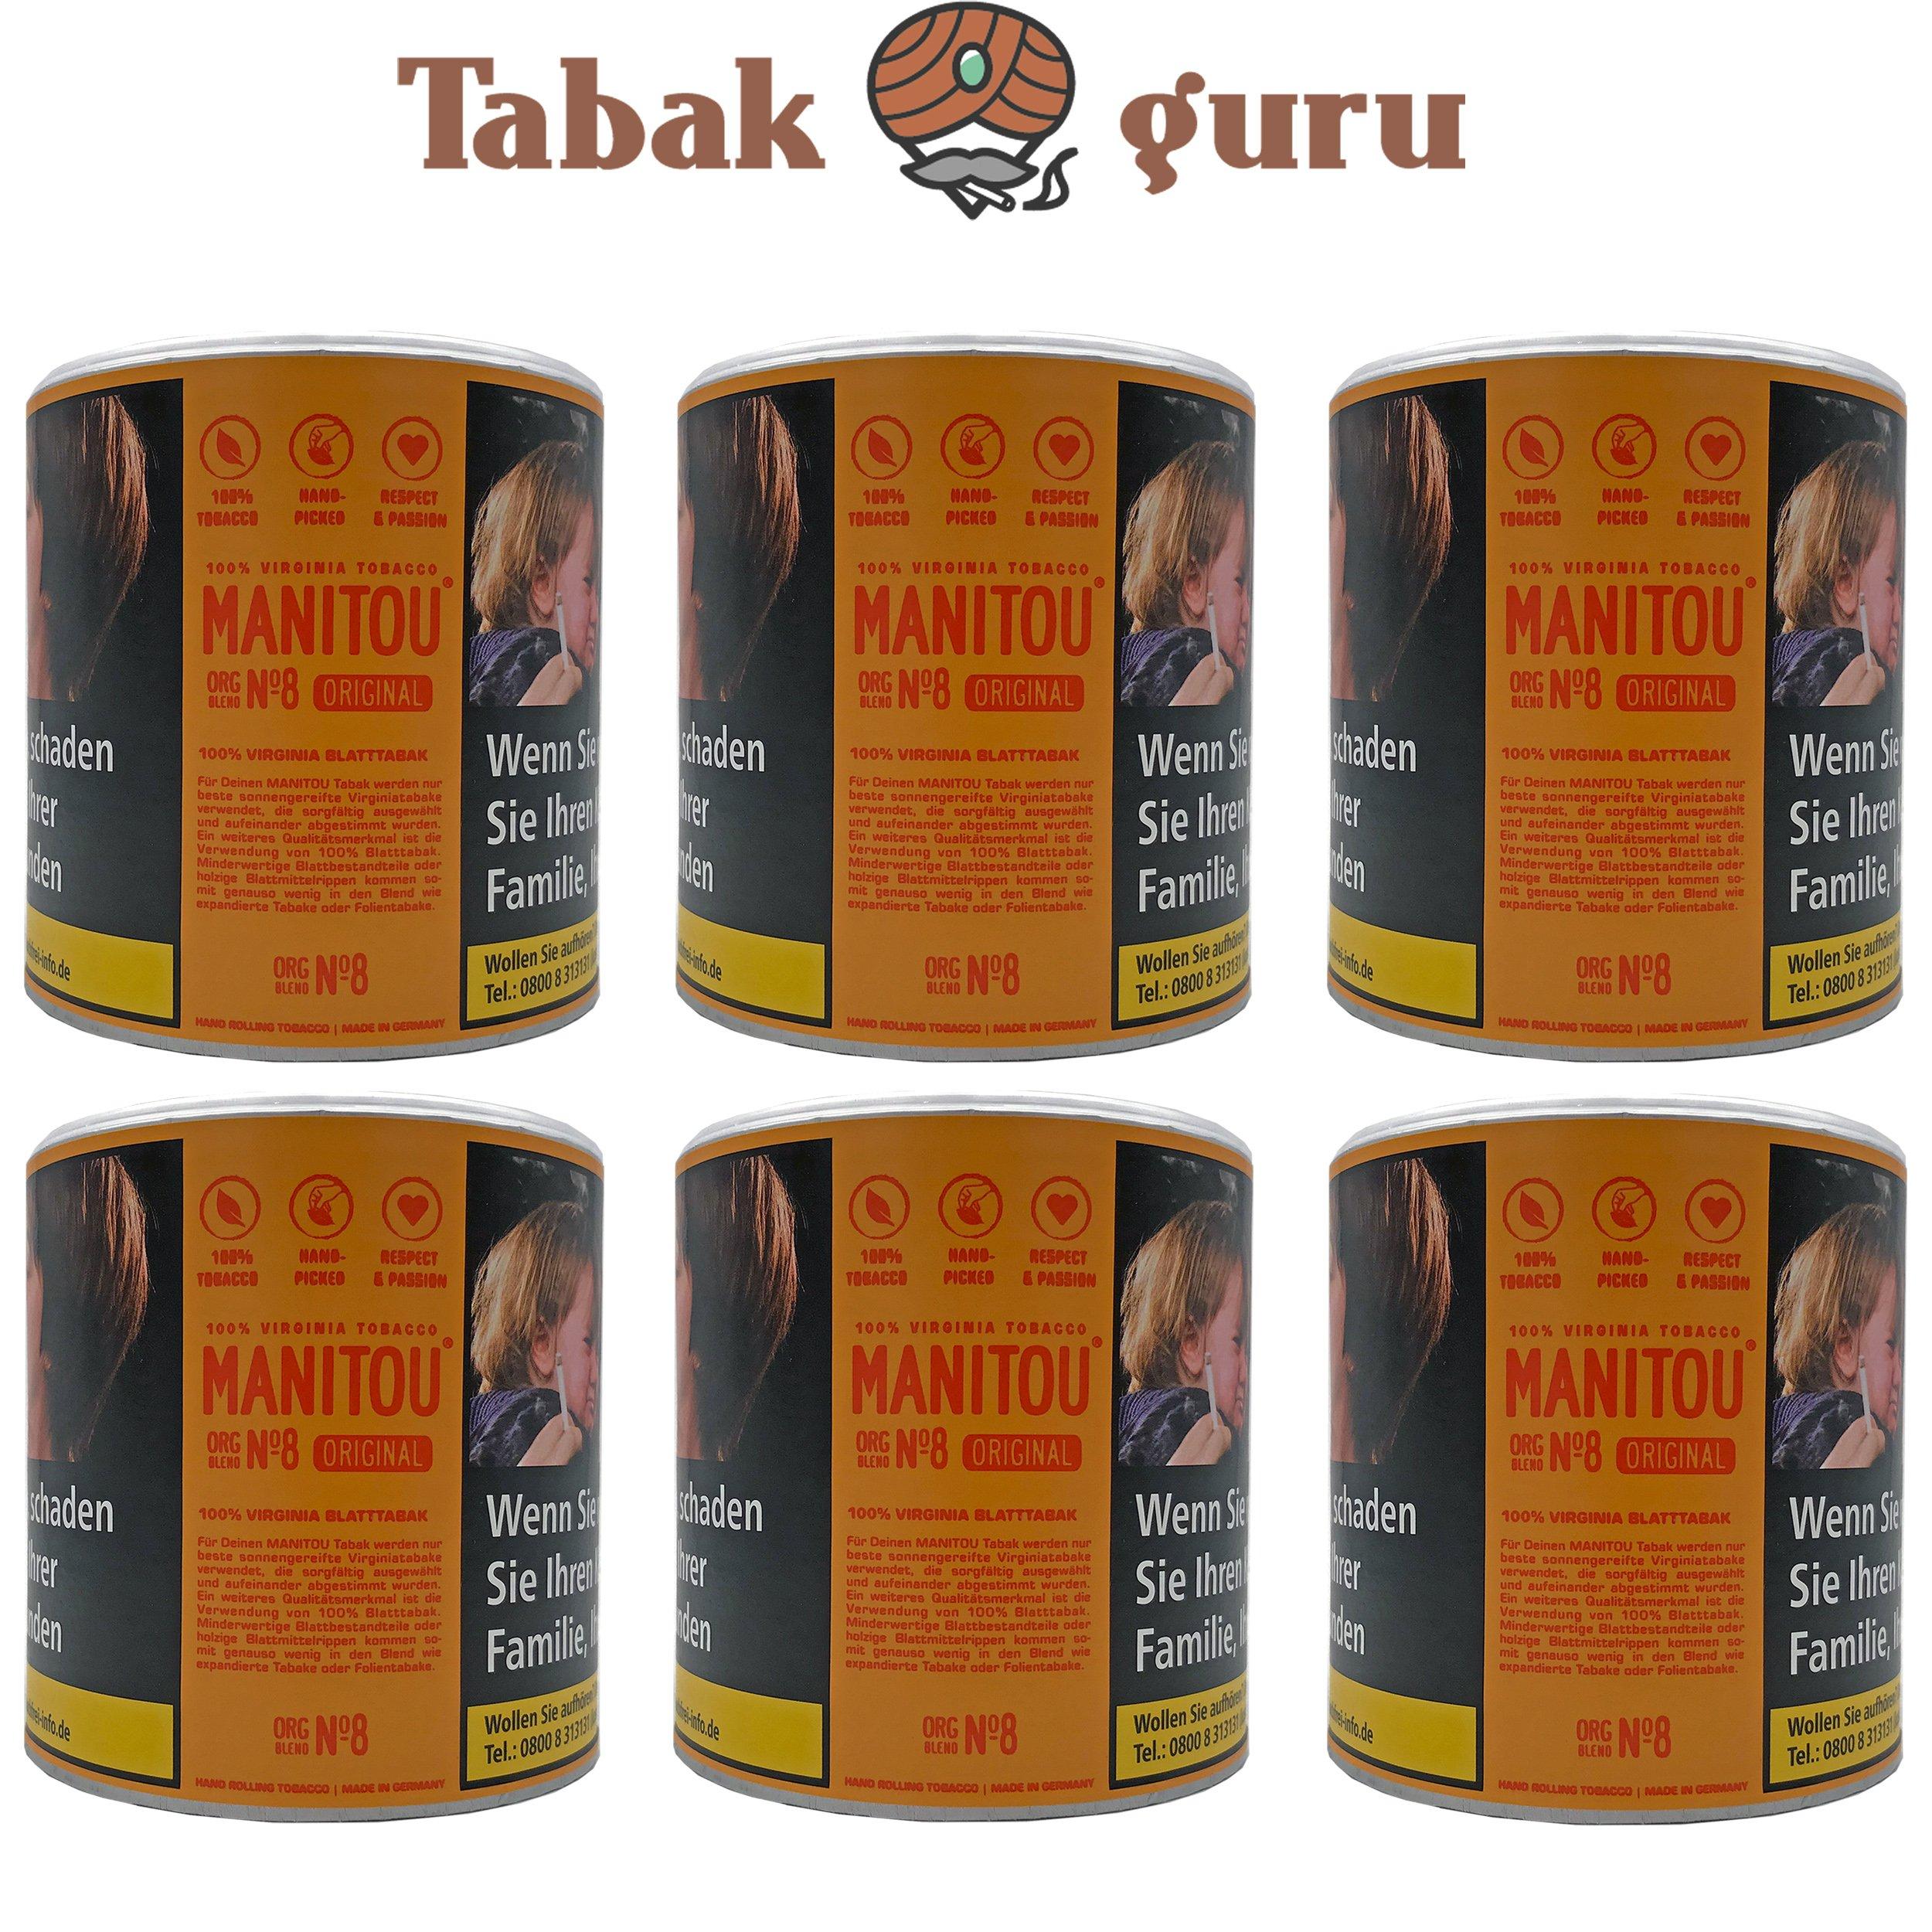 6x Manitou Orginal Blend No.8 80g Dose Drehtabak Zigarettentabak